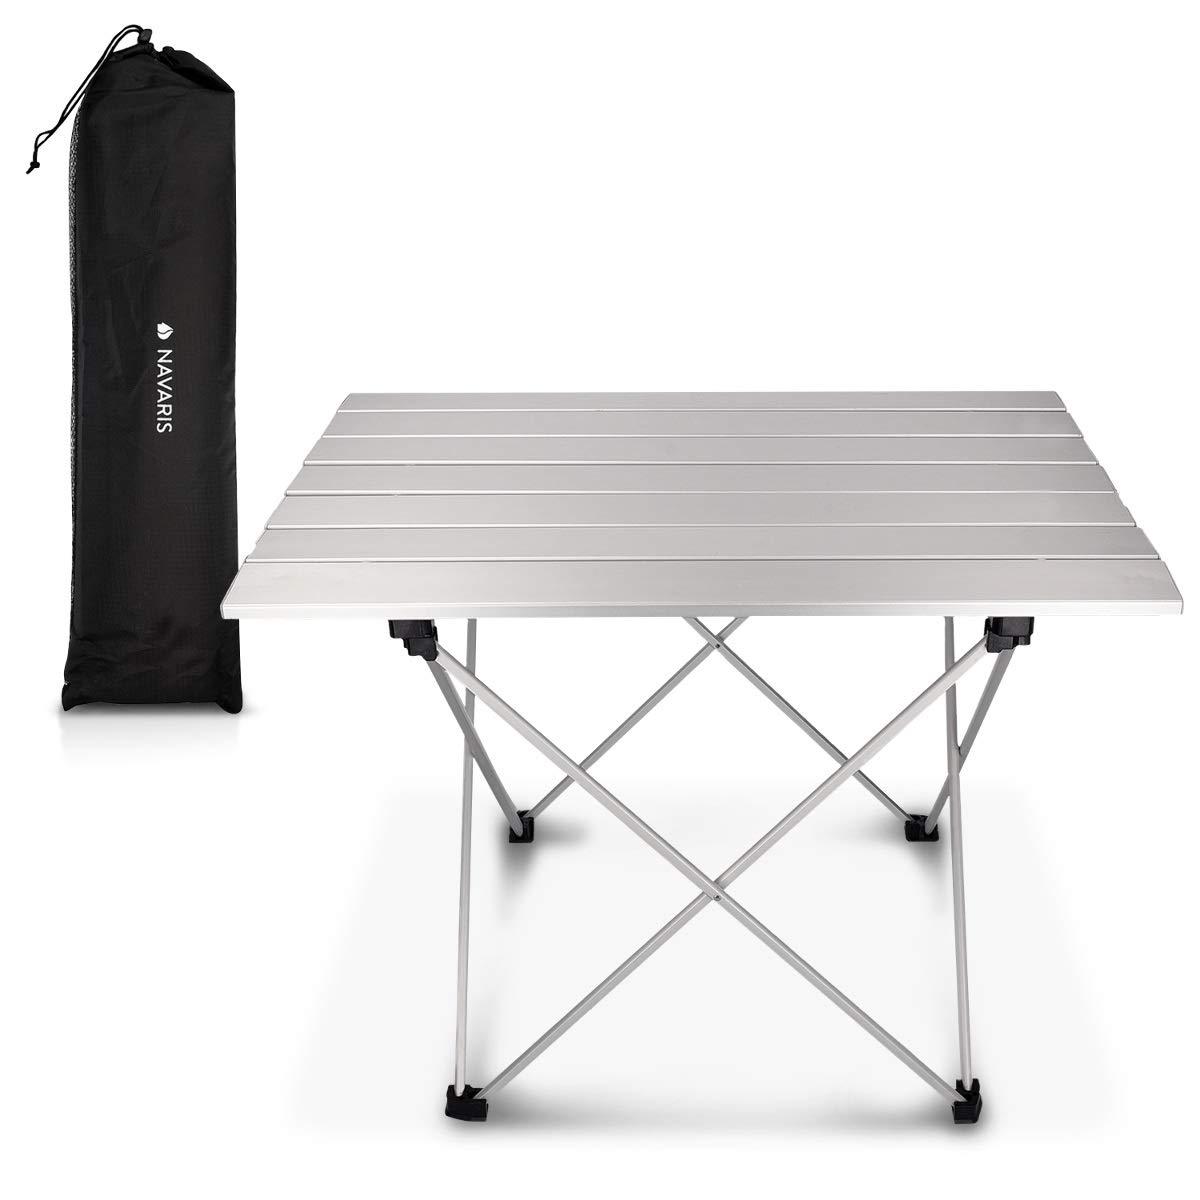 Navaris Table de Camping Pliante - Table Pliable Aluminium - 55, 7 x 40, 5 x 38, 5 cm Camping Nature Pique-Nique Barbecue Jardin Balcon - argenté 5 cm Camping Nature Pique-Nique Barbecue Jardin Balcon - argenté KW-Commerce 45382.35_m001282